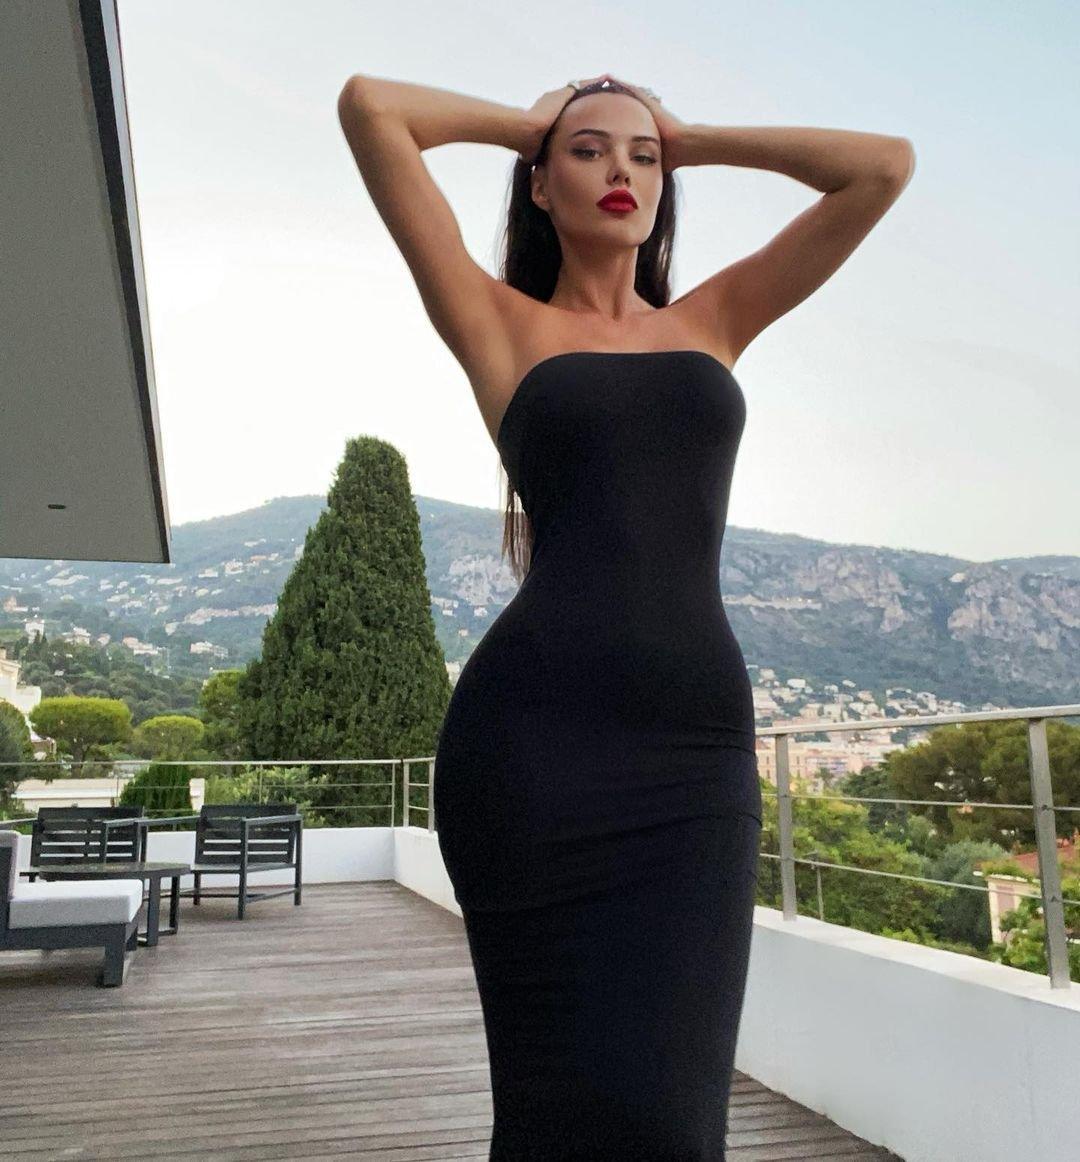 Анастасия Решетова одной фразой дала отпор женатым похотливым мужчинам